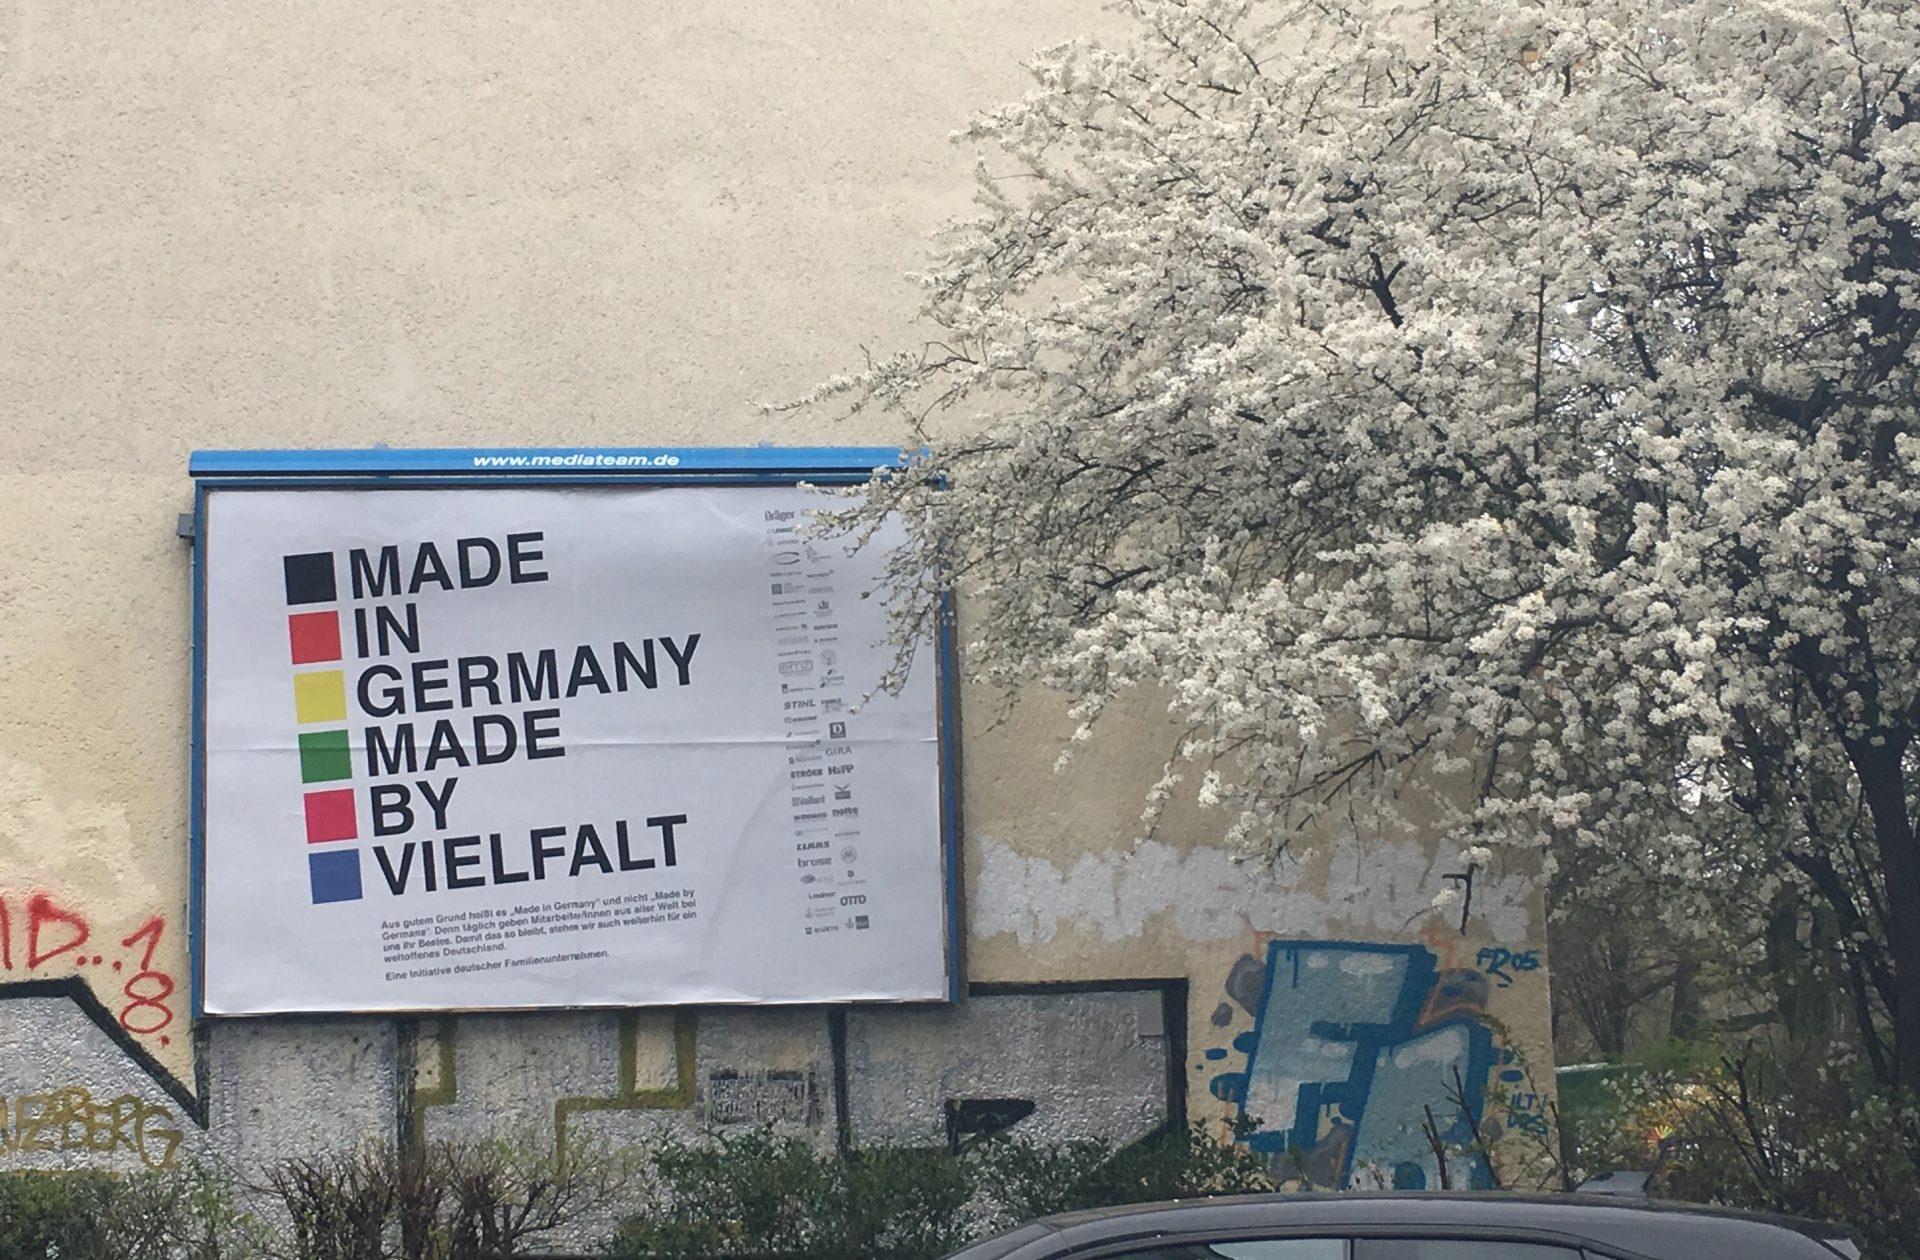 """Plakat mit Aufschrift """"Made in Germany, made by Vielfalt"""" neben blühendem BaumBaum"""